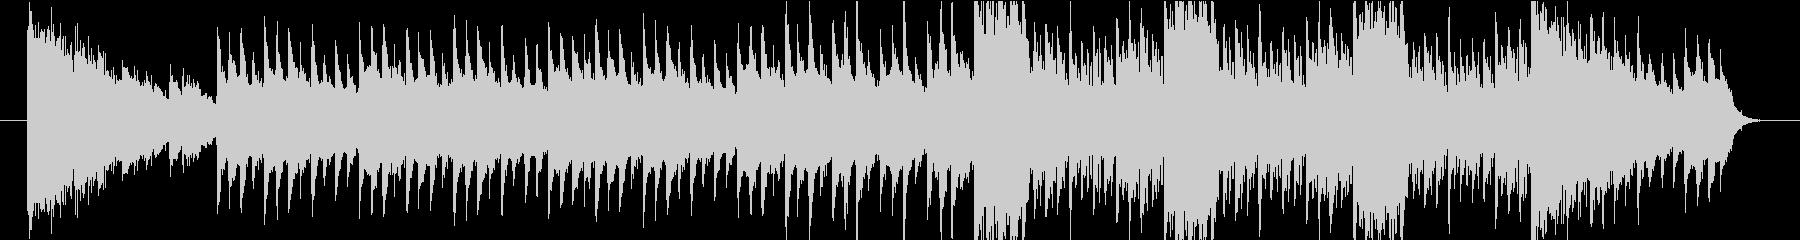 アコギと弦楽器によるシリアスなTUNEの未再生の波形